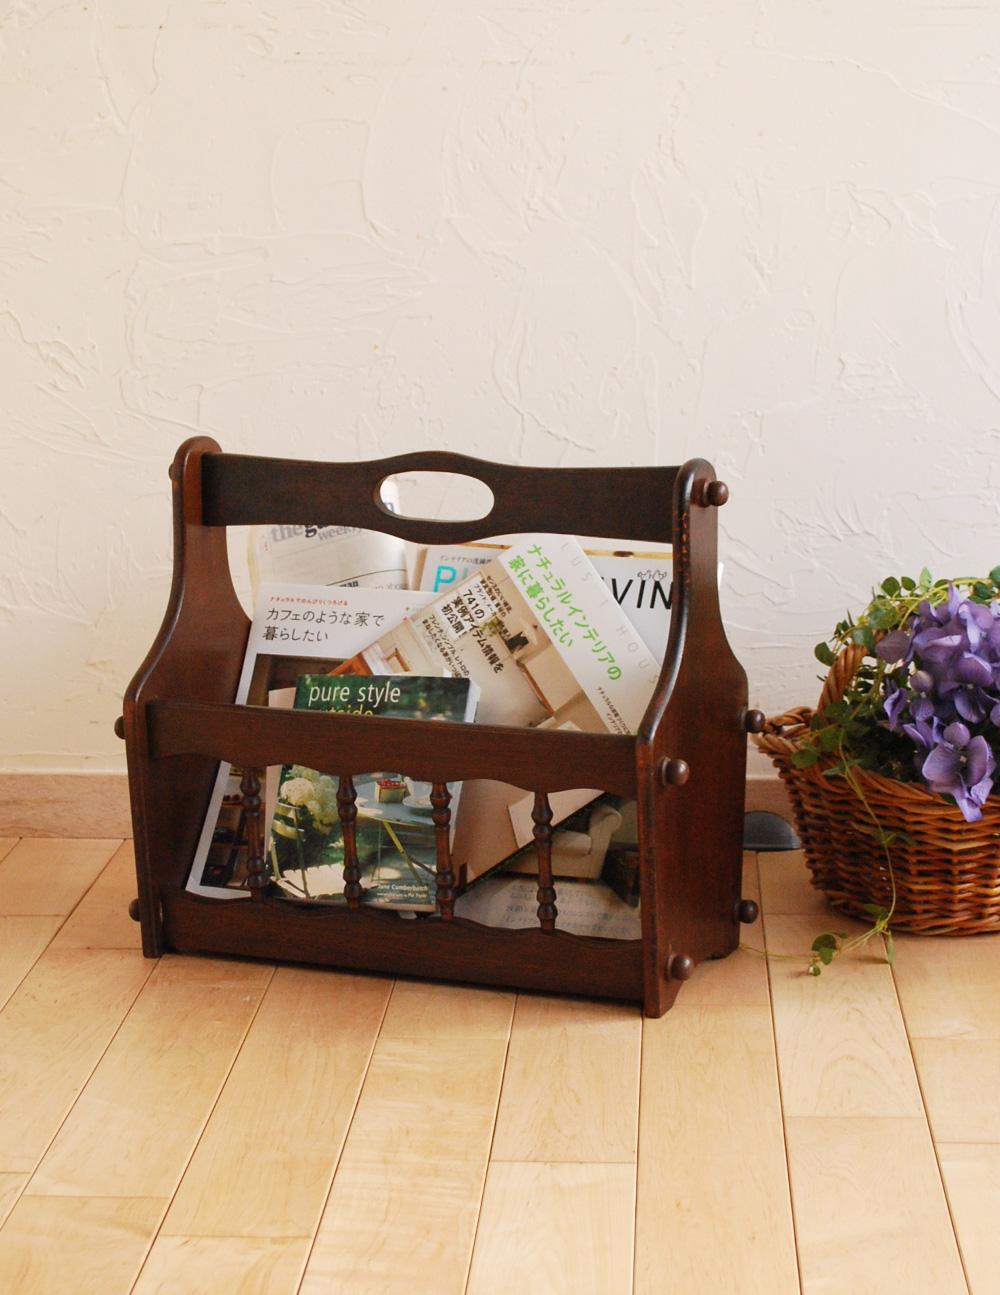 収納 家具 おすすめ 子供部屋にもオススメの小さな収納家具、運びやすいマガジンラック(j